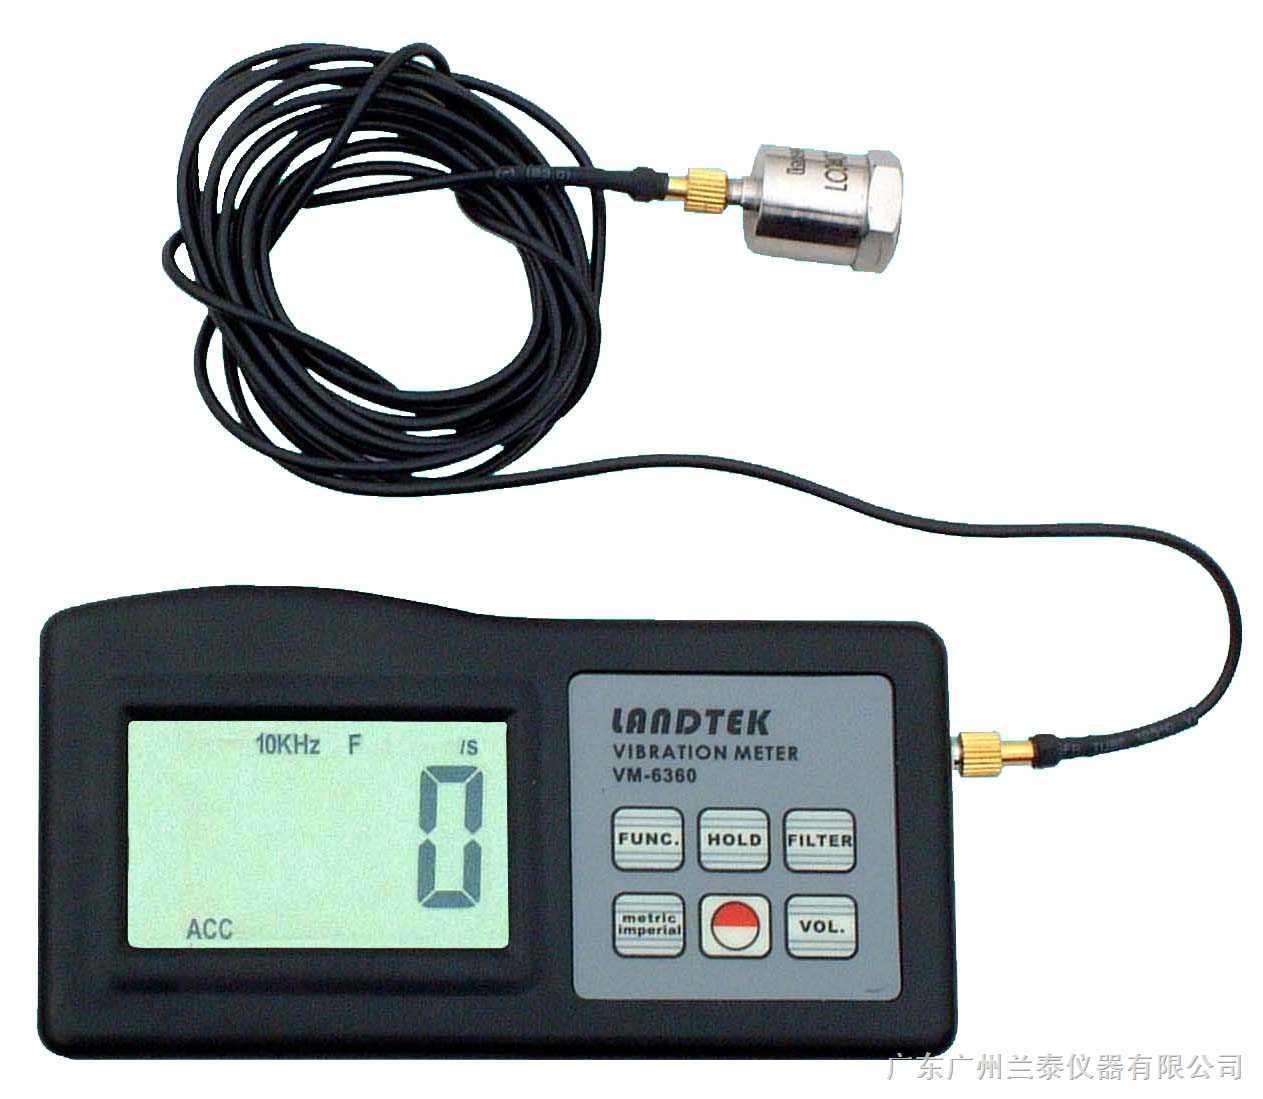 兰泰多功能振动测试仪 vm-6360